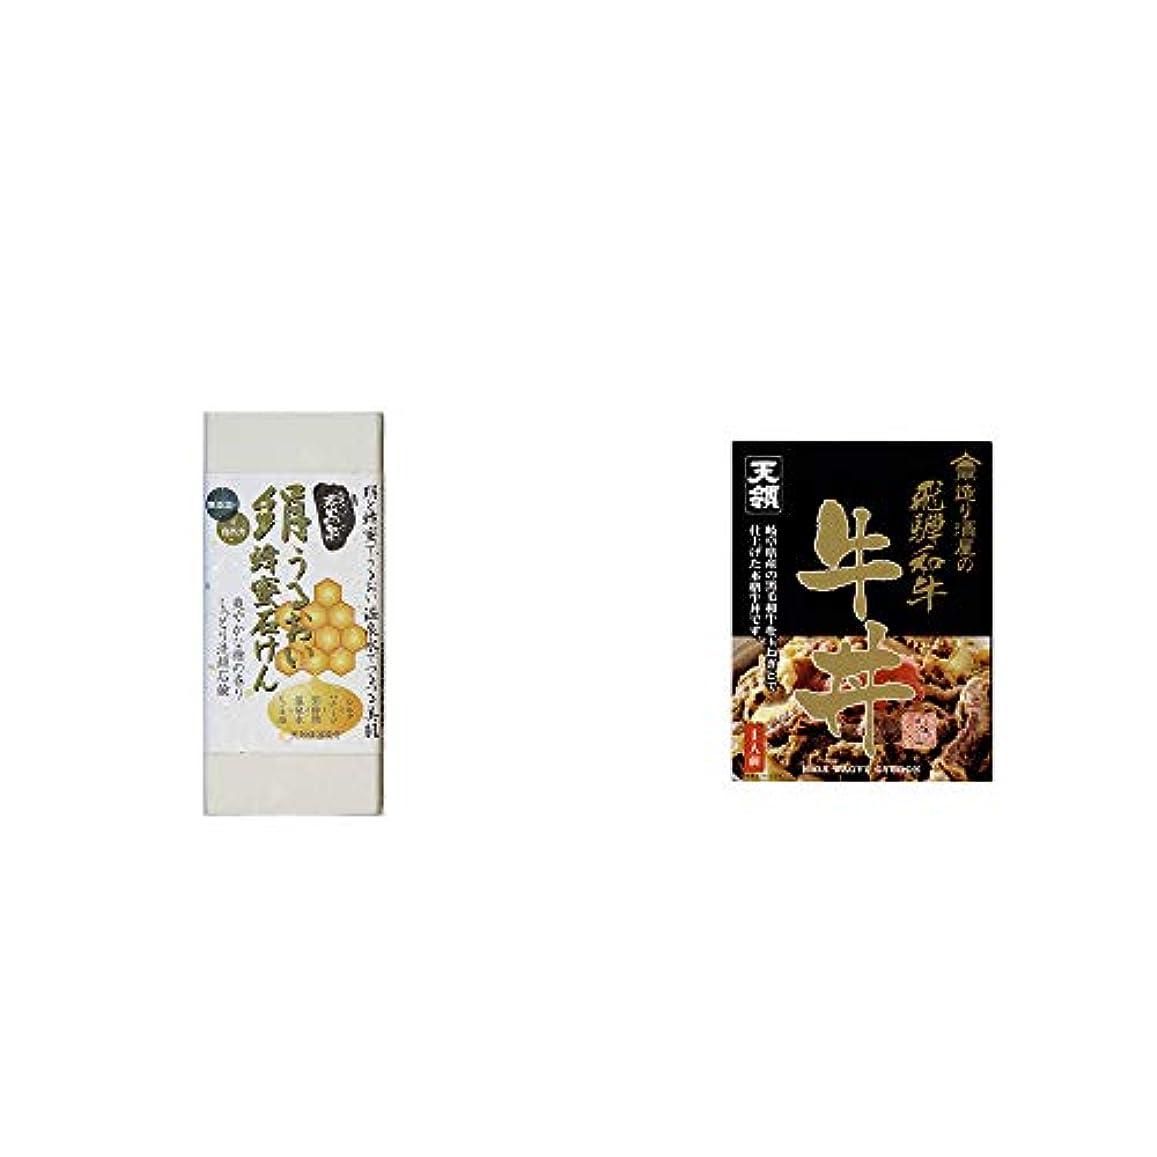 鋸歯状幸福祈り[2点セット] ひのき炭黒泉 絹うるおい蜂蜜石けん(75g×2)?天領酒造 造り酒屋の飛騨和牛 牛丼(1人前)